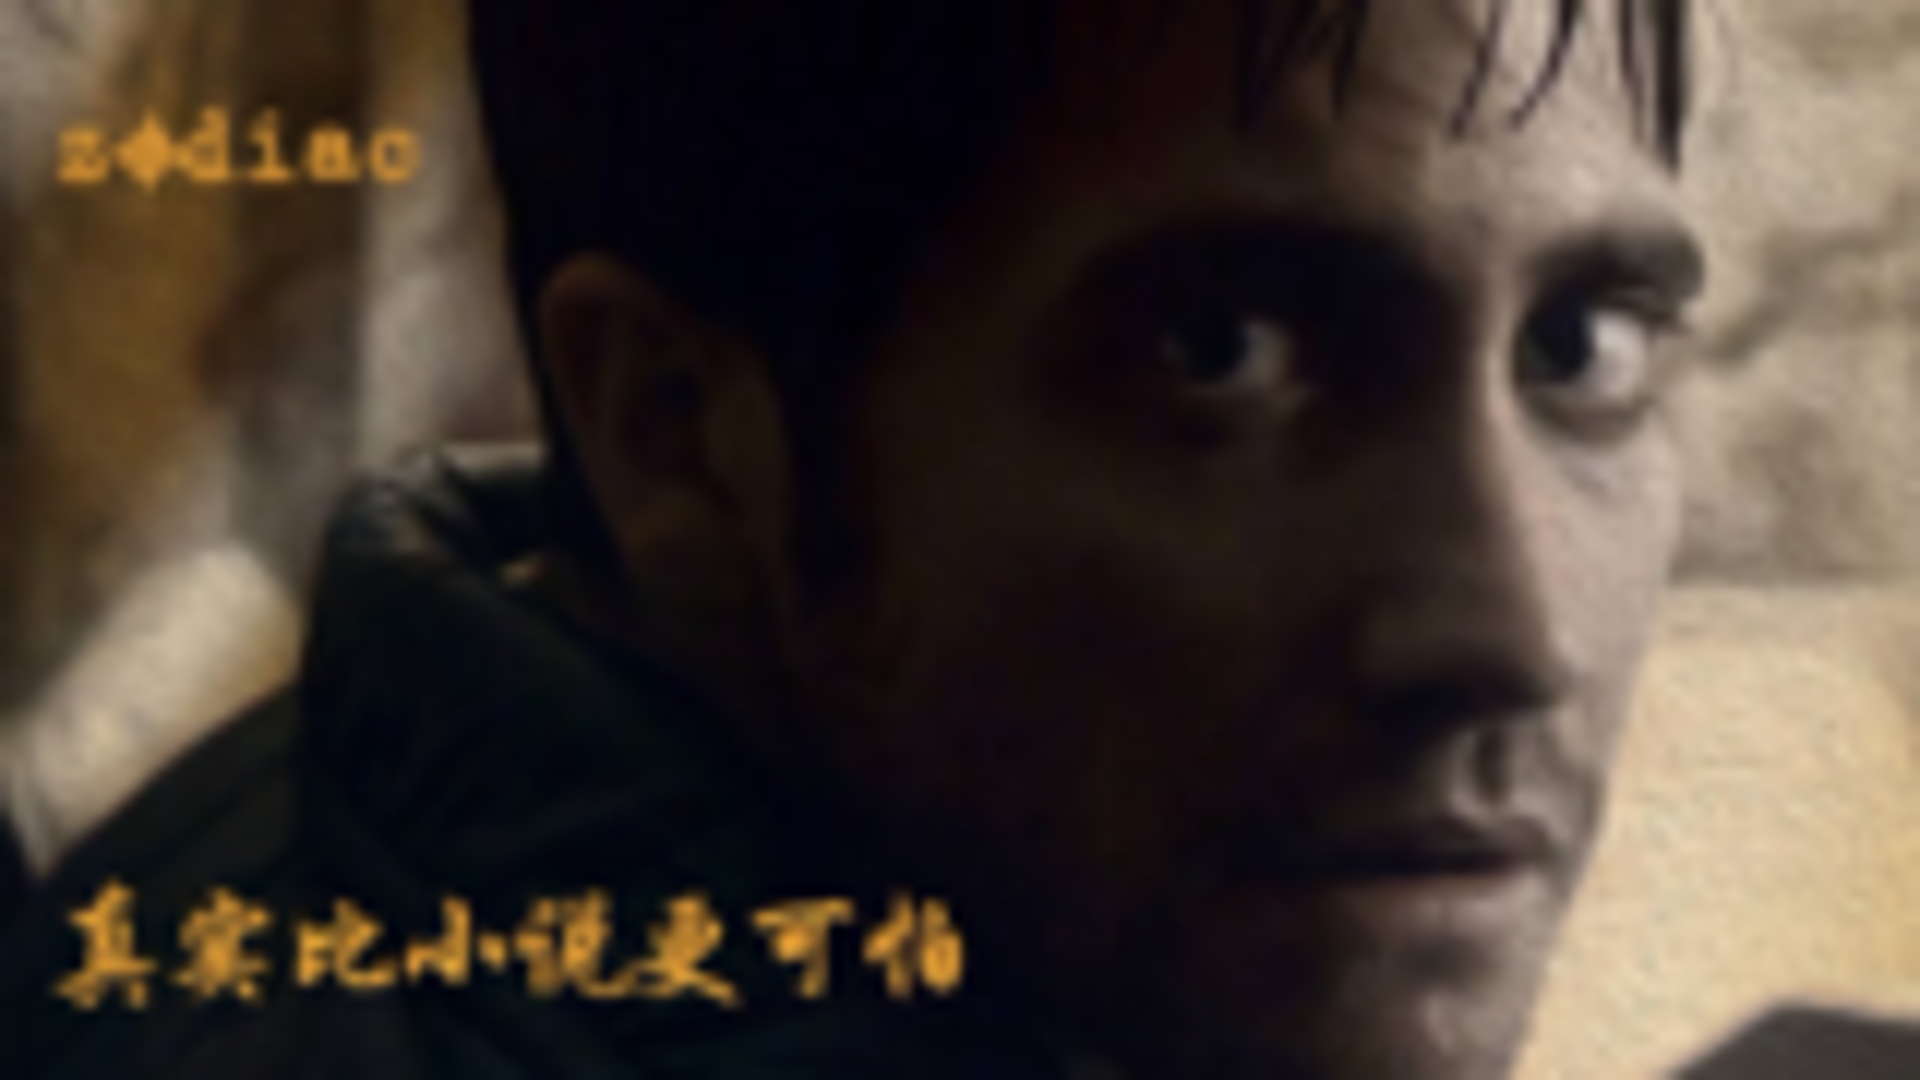 大卫芬奇-《十二宫杀手》全面分解凶案场景!|杰克·吉伦哈尔|罗伯特·唐尼|七影空间